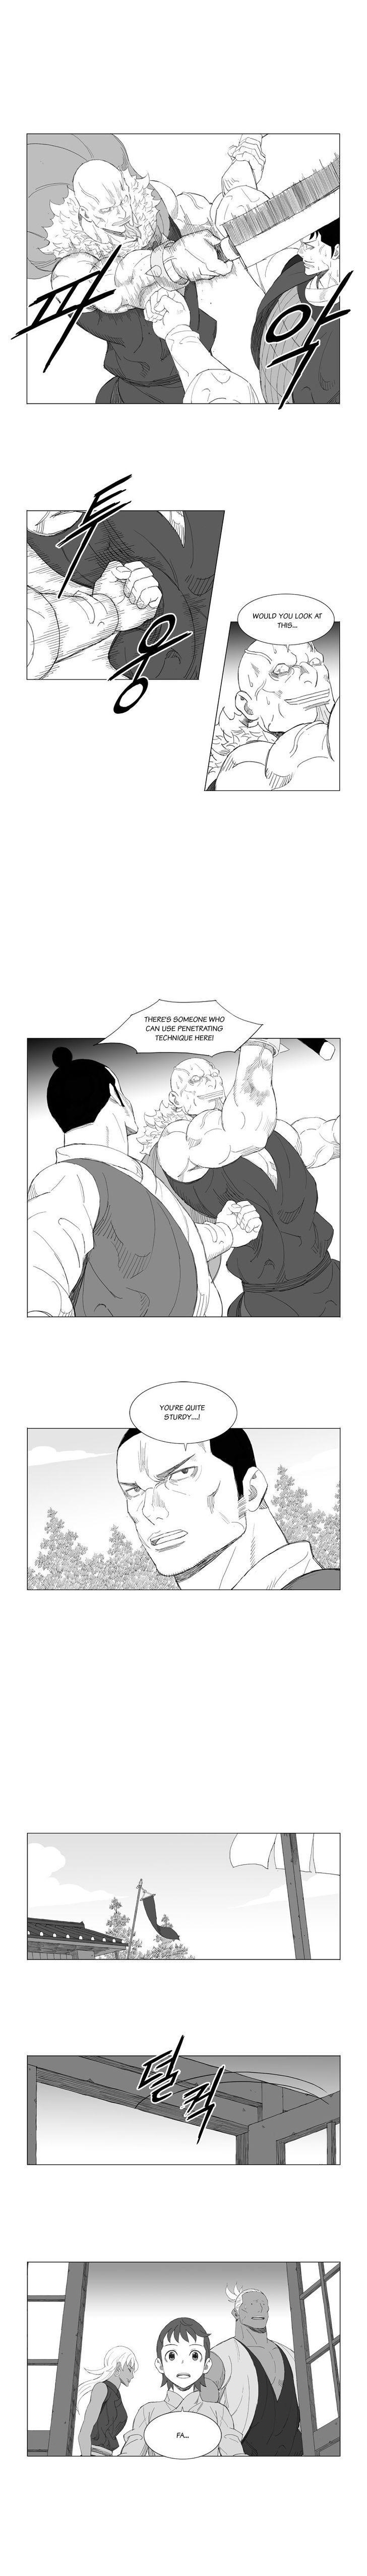 Mujang - Chapter 191